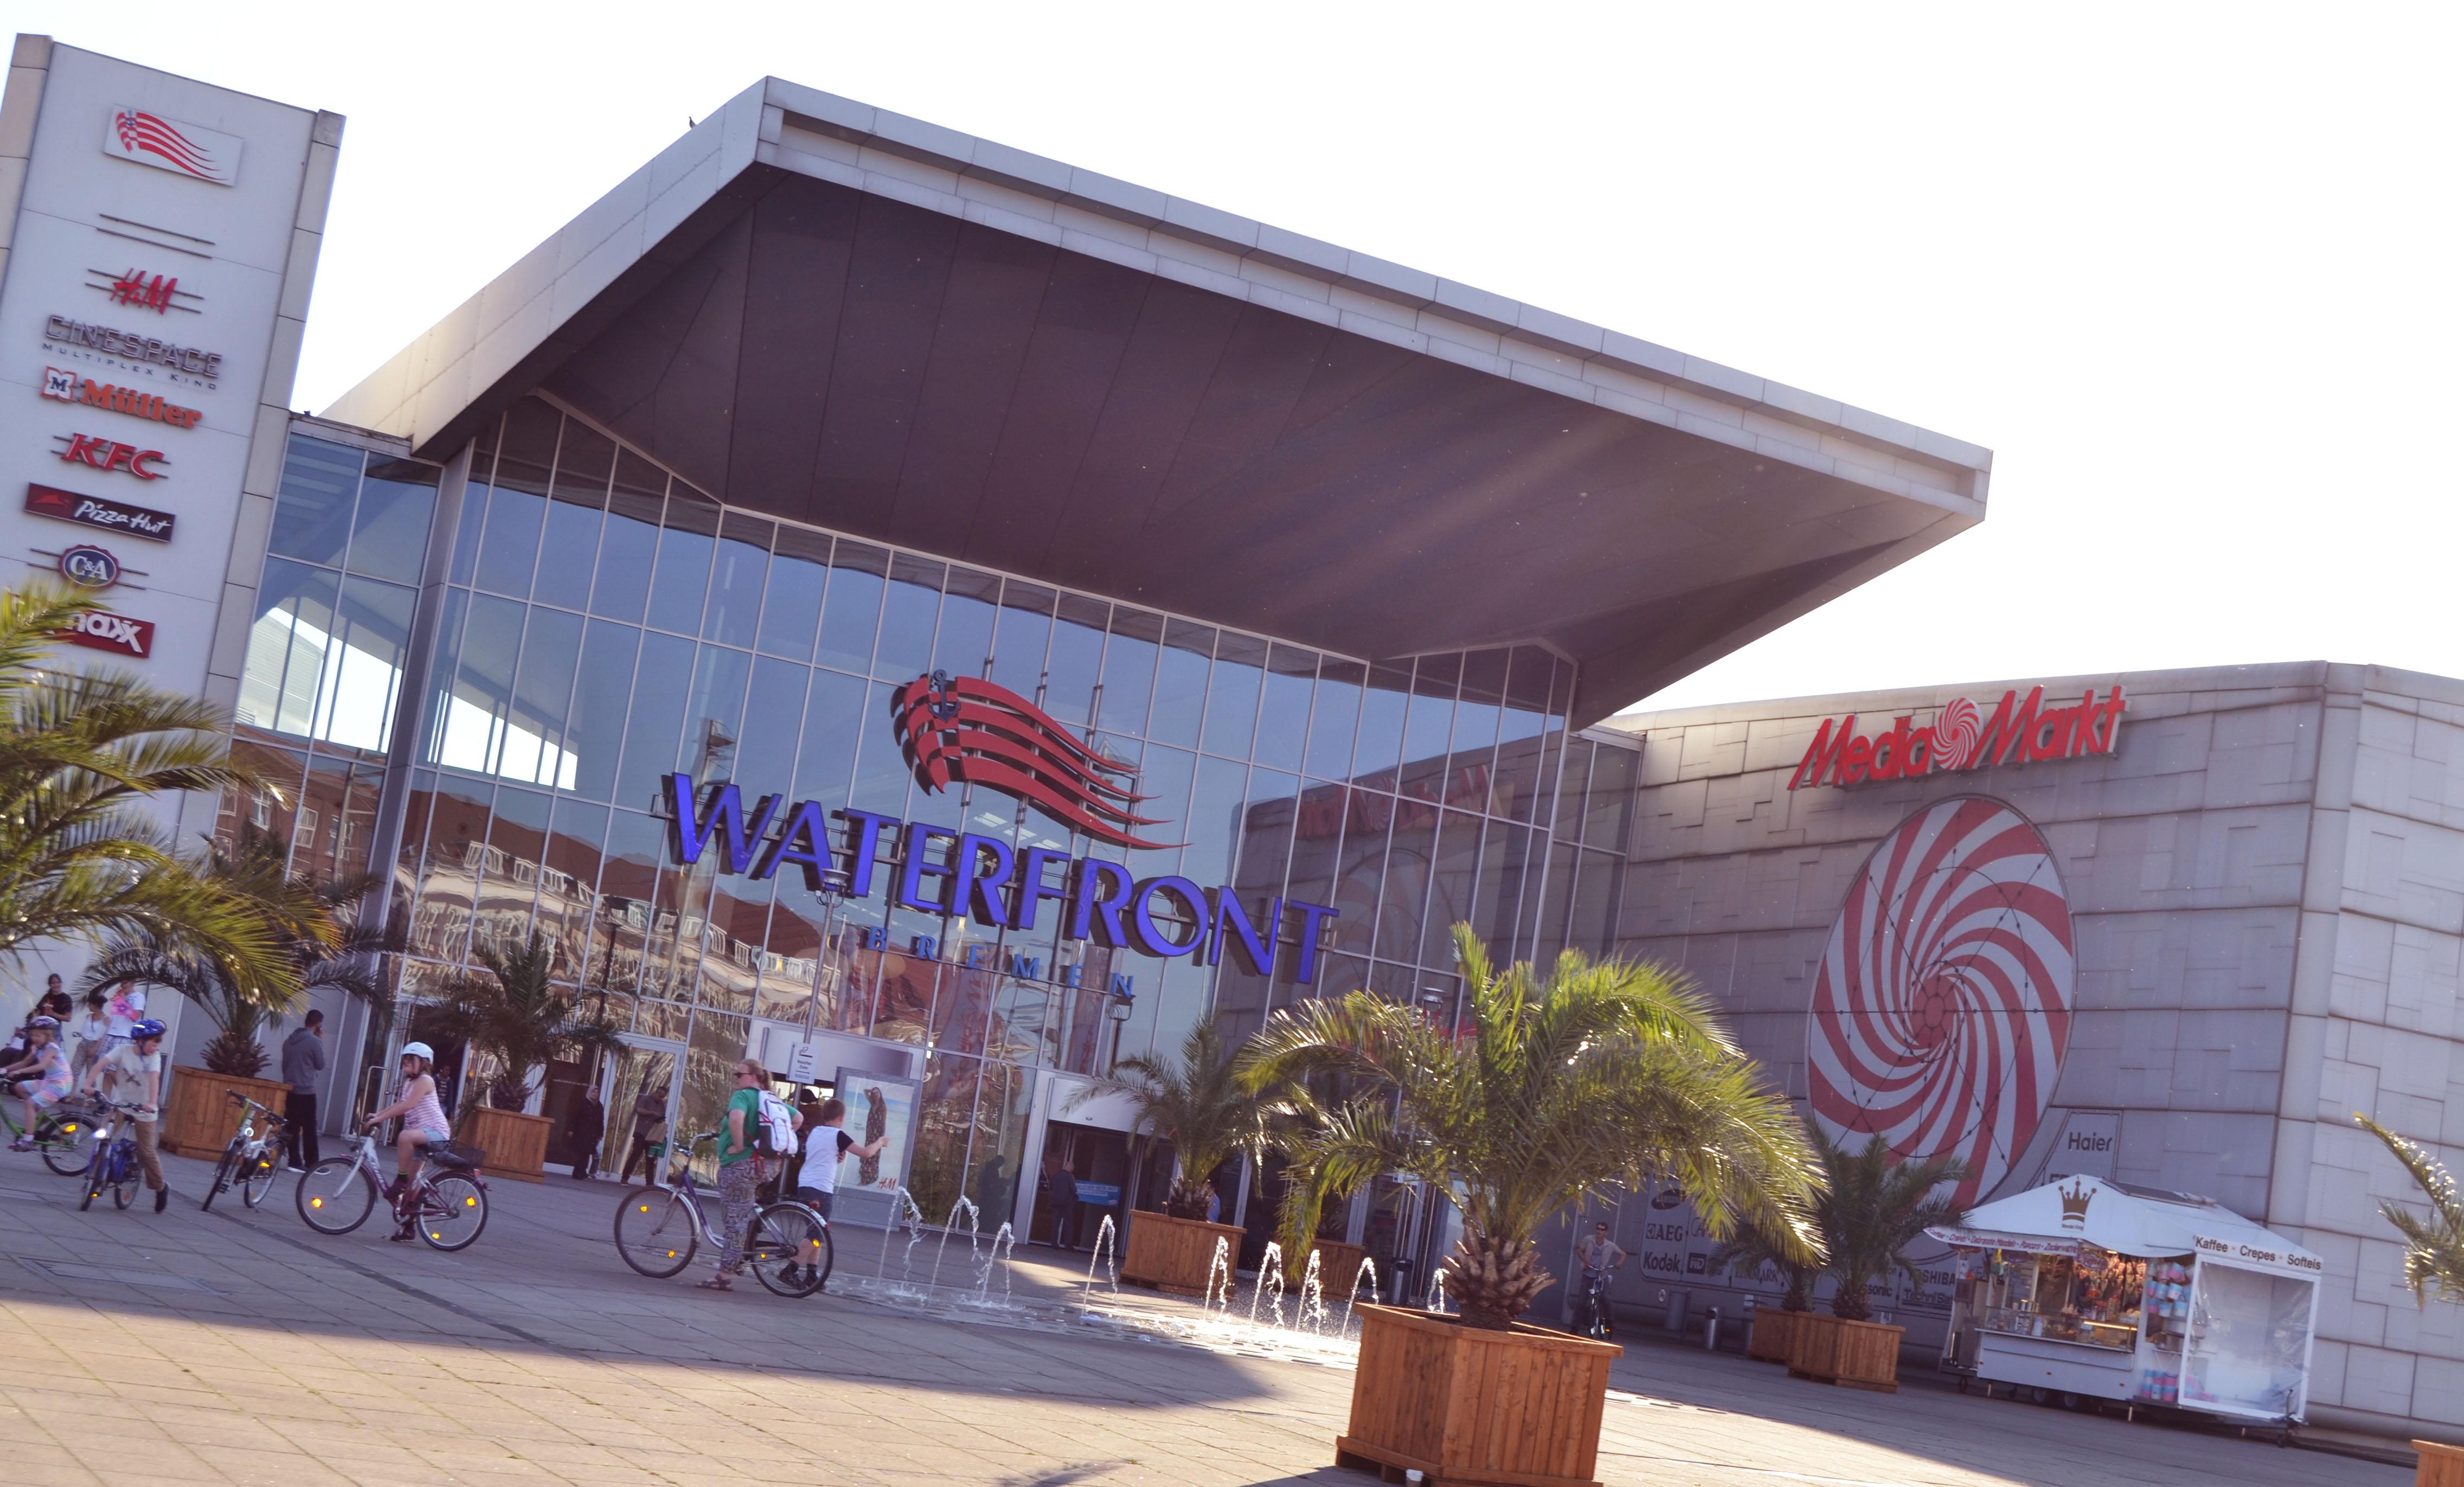 Eingangsbereich mit sehr großer Glasfront, darüber der Schriftzug 'Waterfront'; Quelle: WFB/bremen.online - MDR